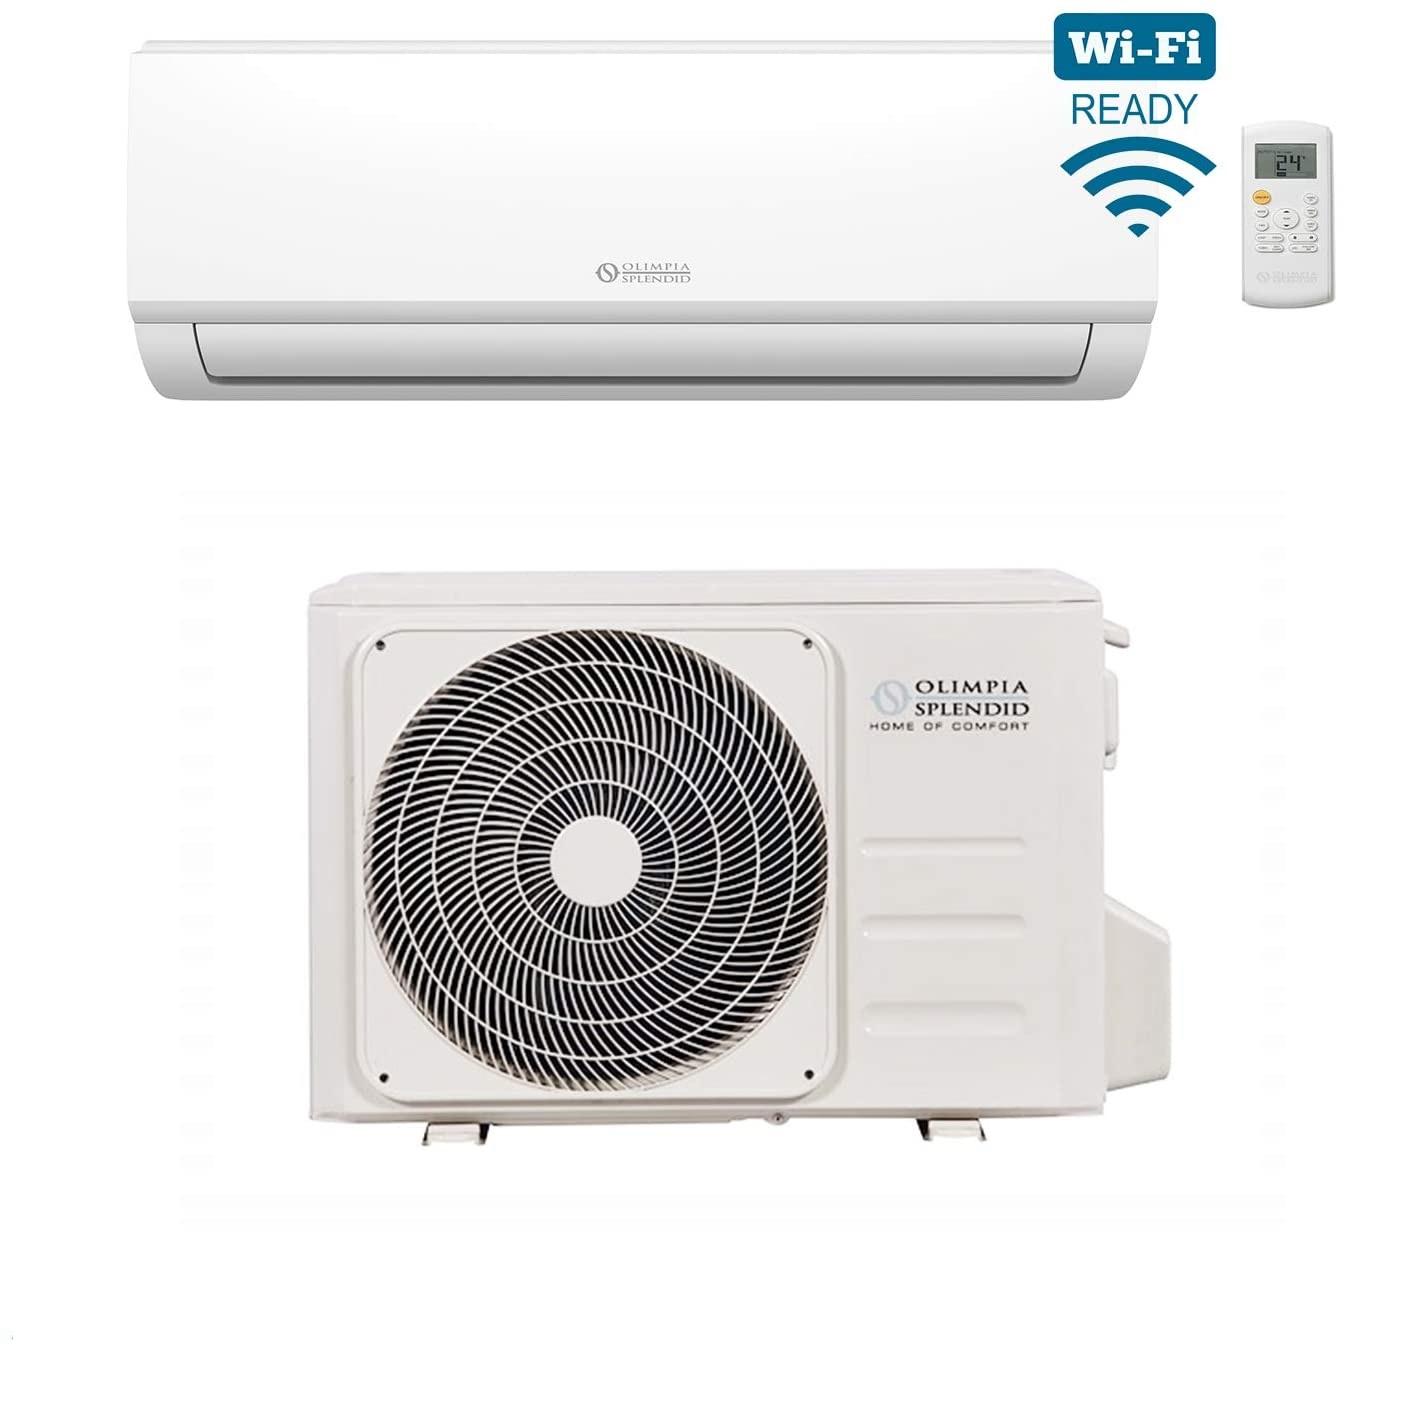 climatizzatore portatile economico Olimpia Splendid Aryal Inverter 10HP da Euronics: in offerta a 299 euro!